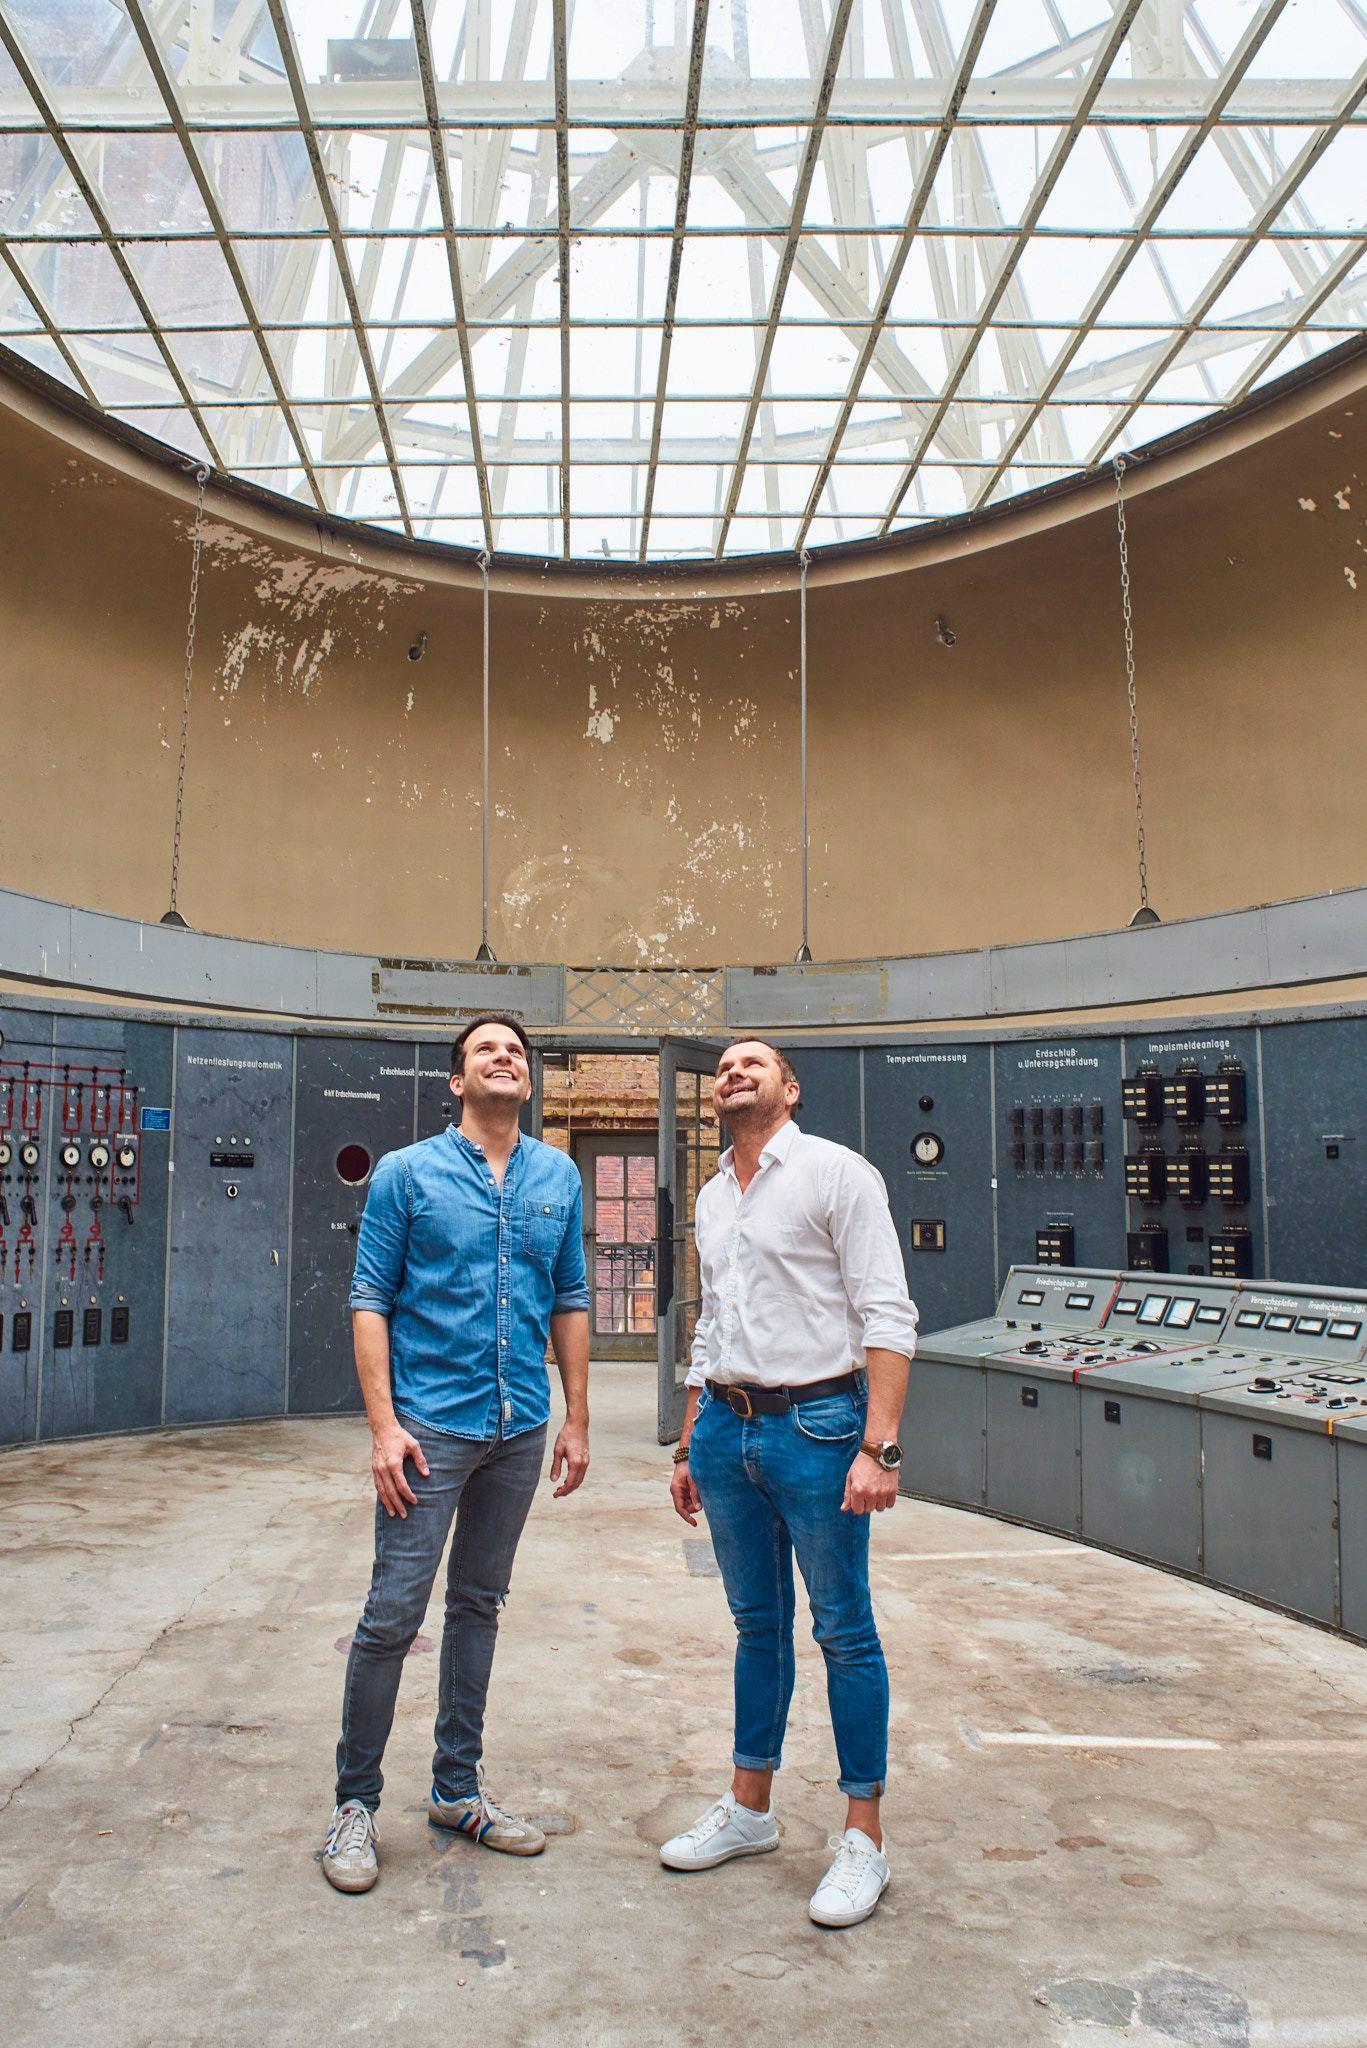 Hometogo Ferienhaus Marktplatz erreicht Milliardenbewertung via ...